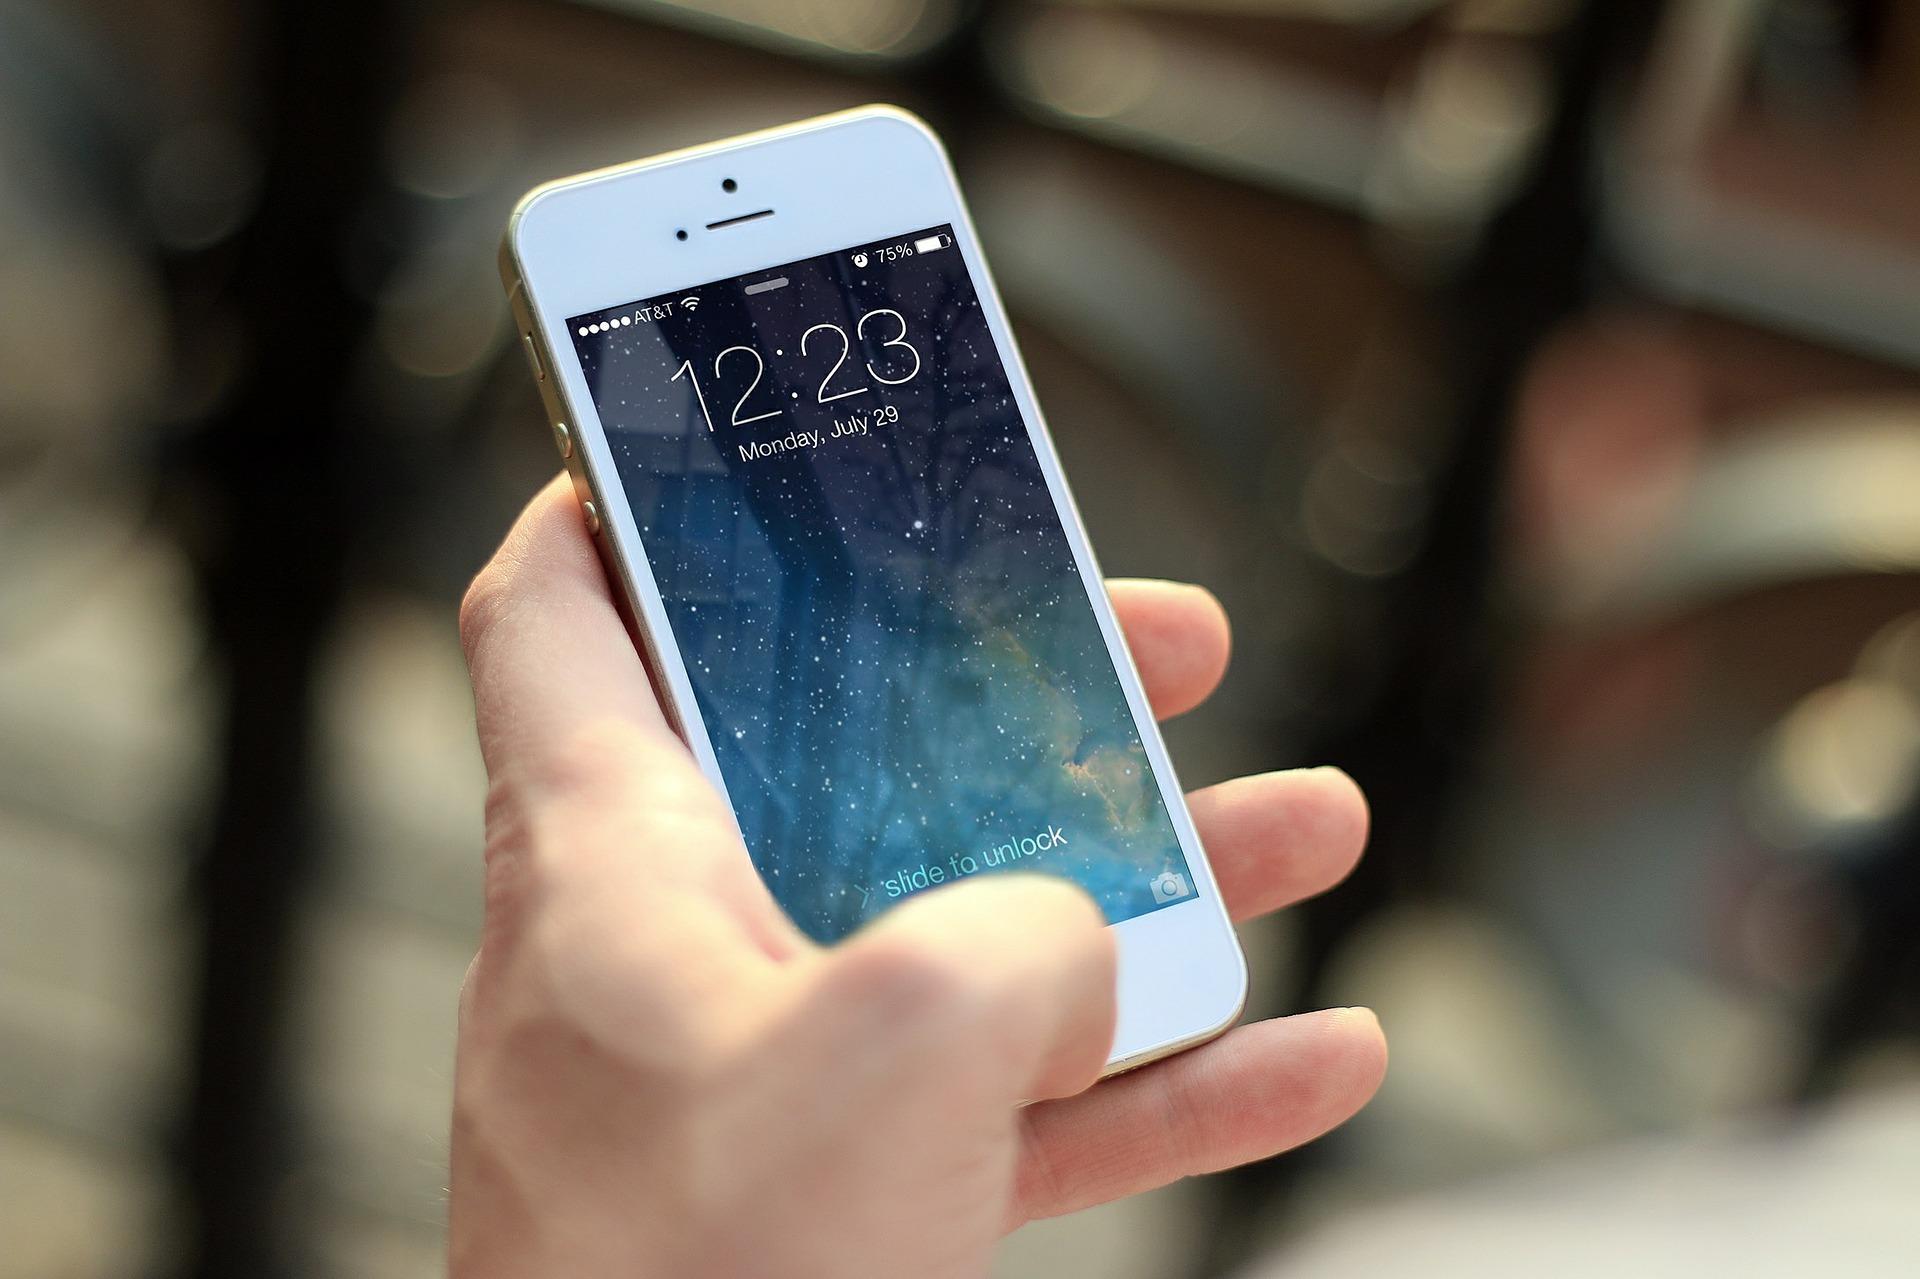 Stratégies_mobiles_:_5_tendances_en_matière_de_marketing_mobile_que_vous_devez_connaître